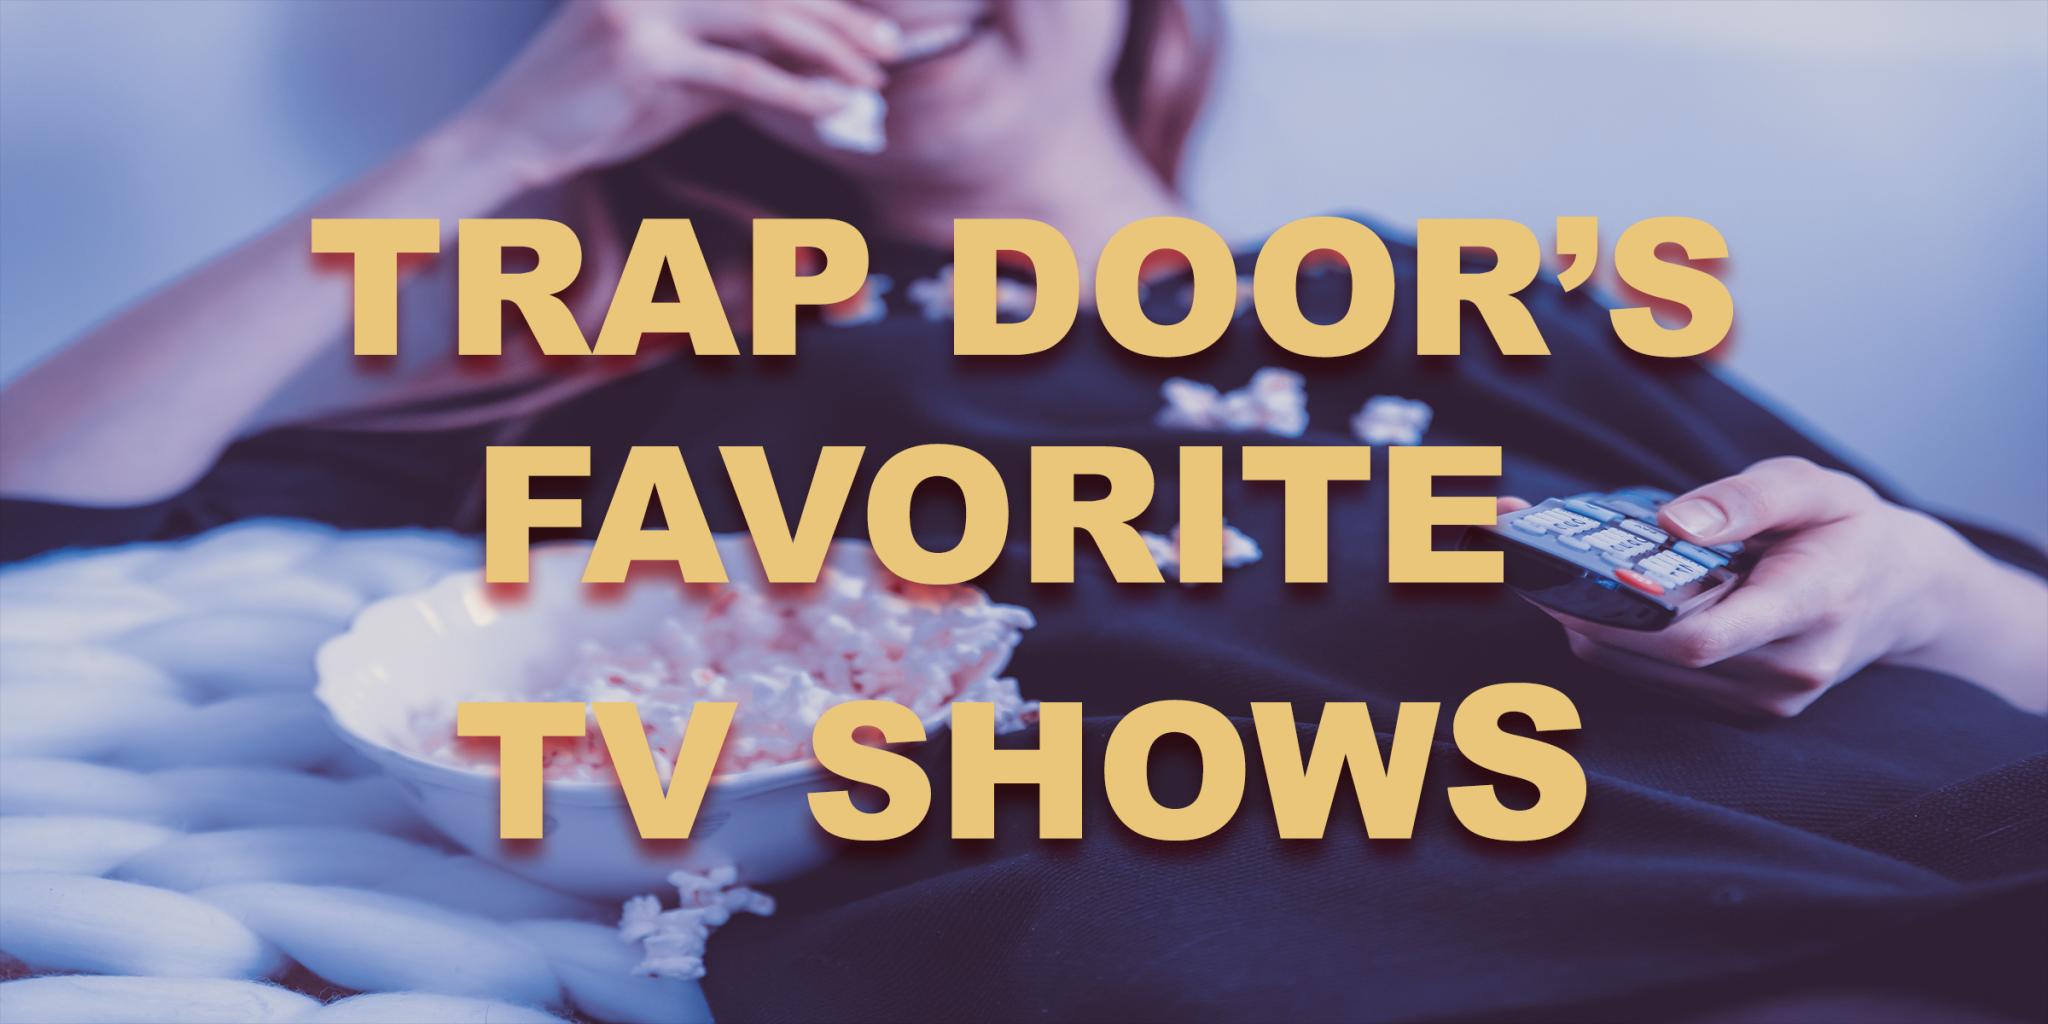 Trap Door's Favorite TV Shows - Trap Door Escape Room